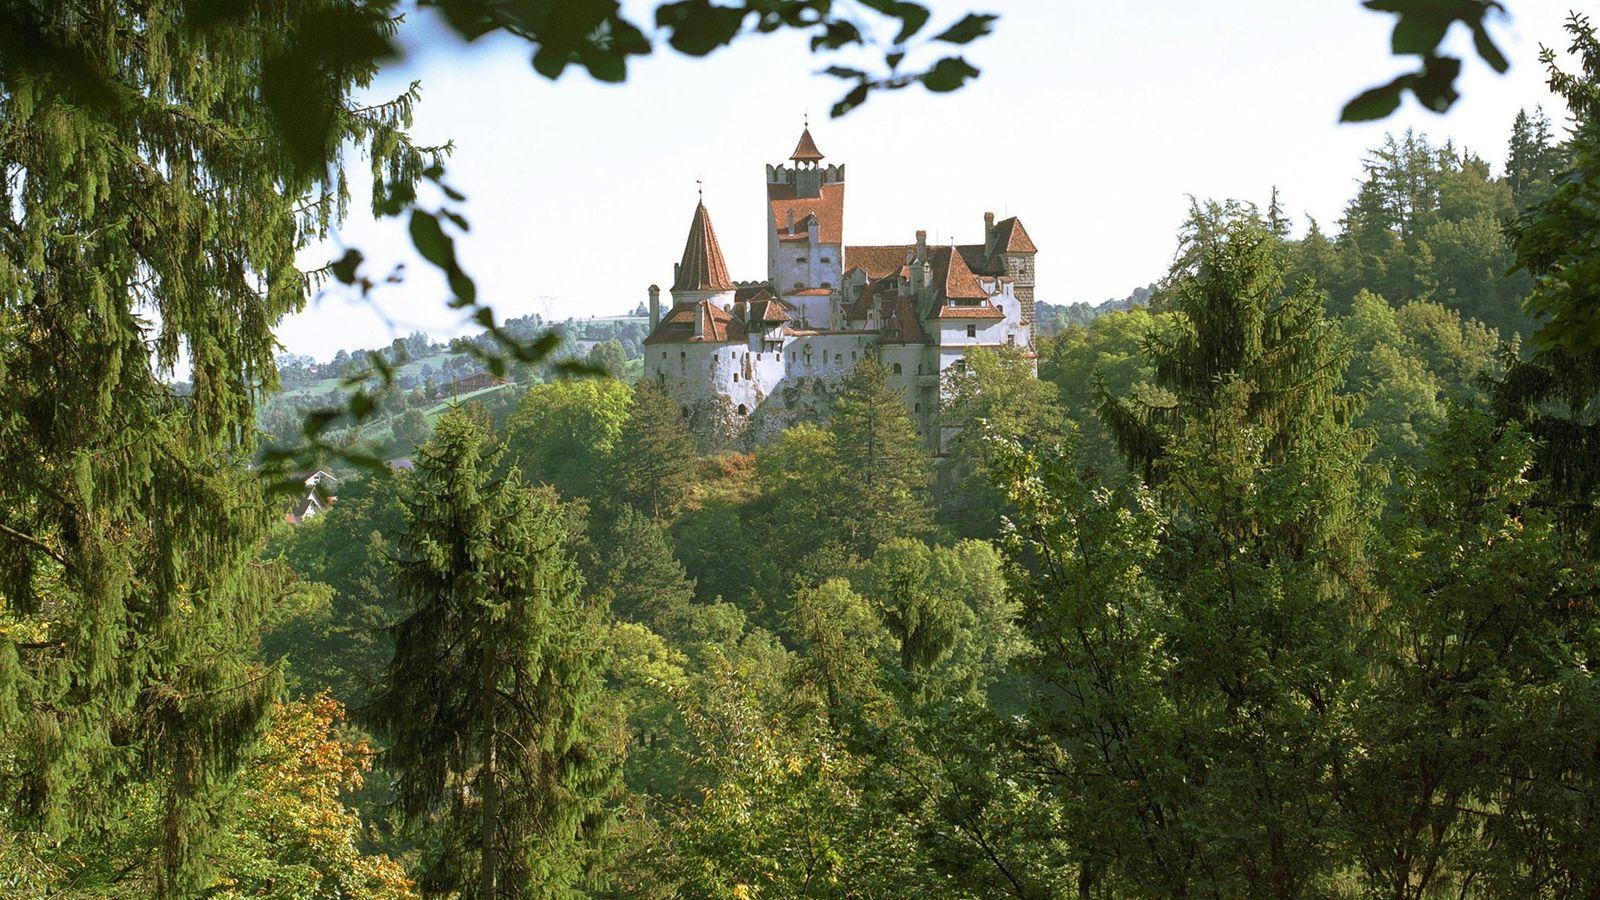 Certains historiens avancent l'hypothèse que Vlad l'Empaleur ait pu dormir dans ce château.